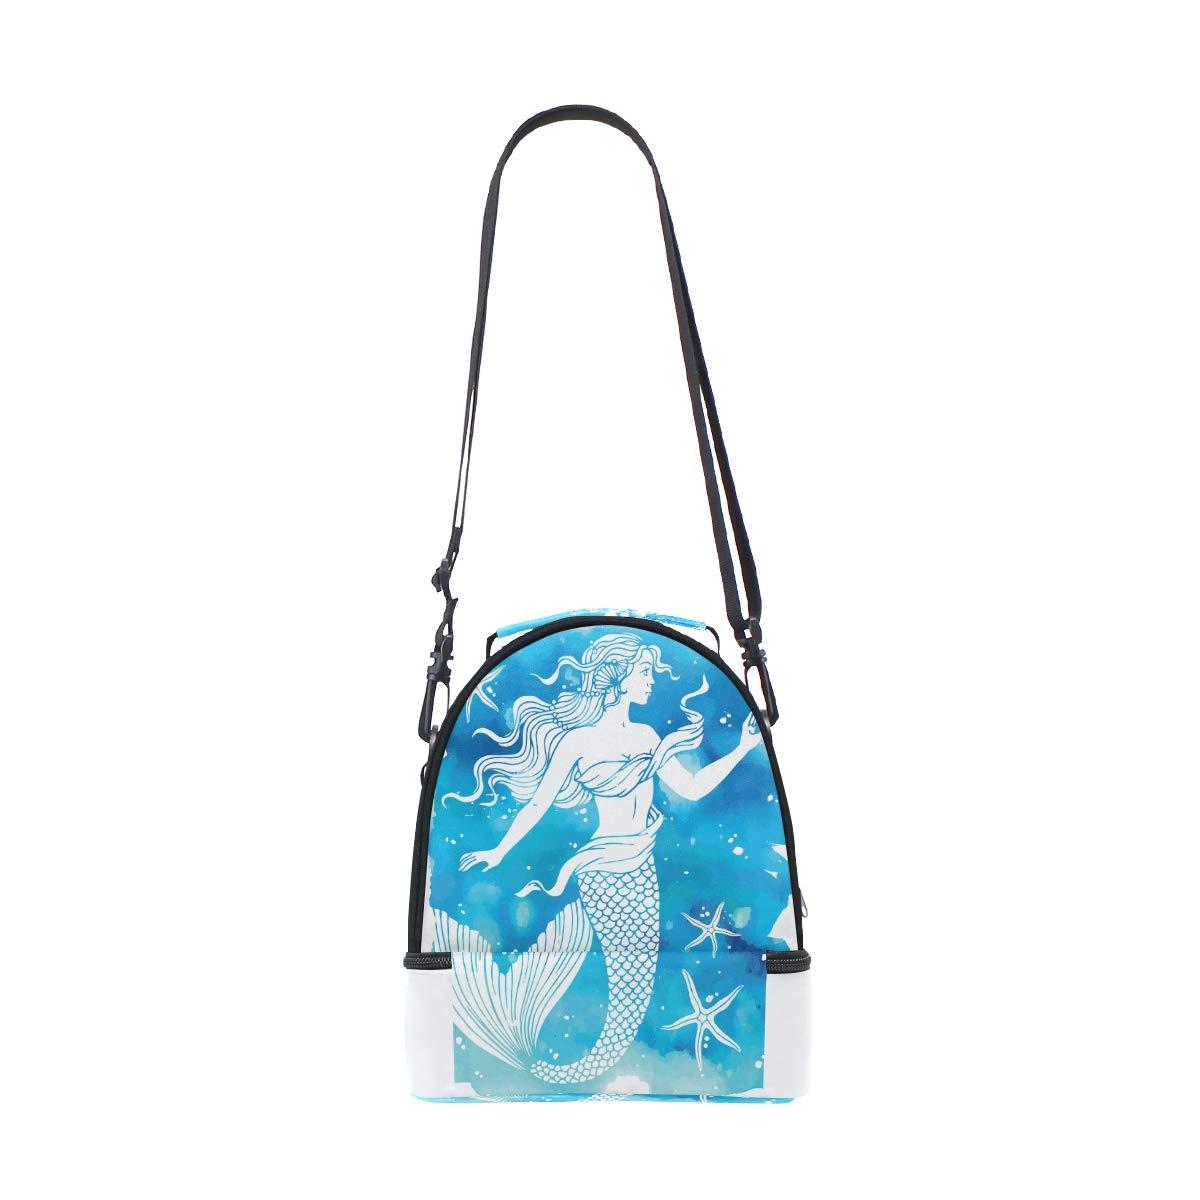 sac isotherme Fishstar bleu double couche portable /épaule /étanche isotherme avec fermeture /éclair pour l/école travail pique-nique Superbe sac /à d/éjeuner en forme de sir/ène